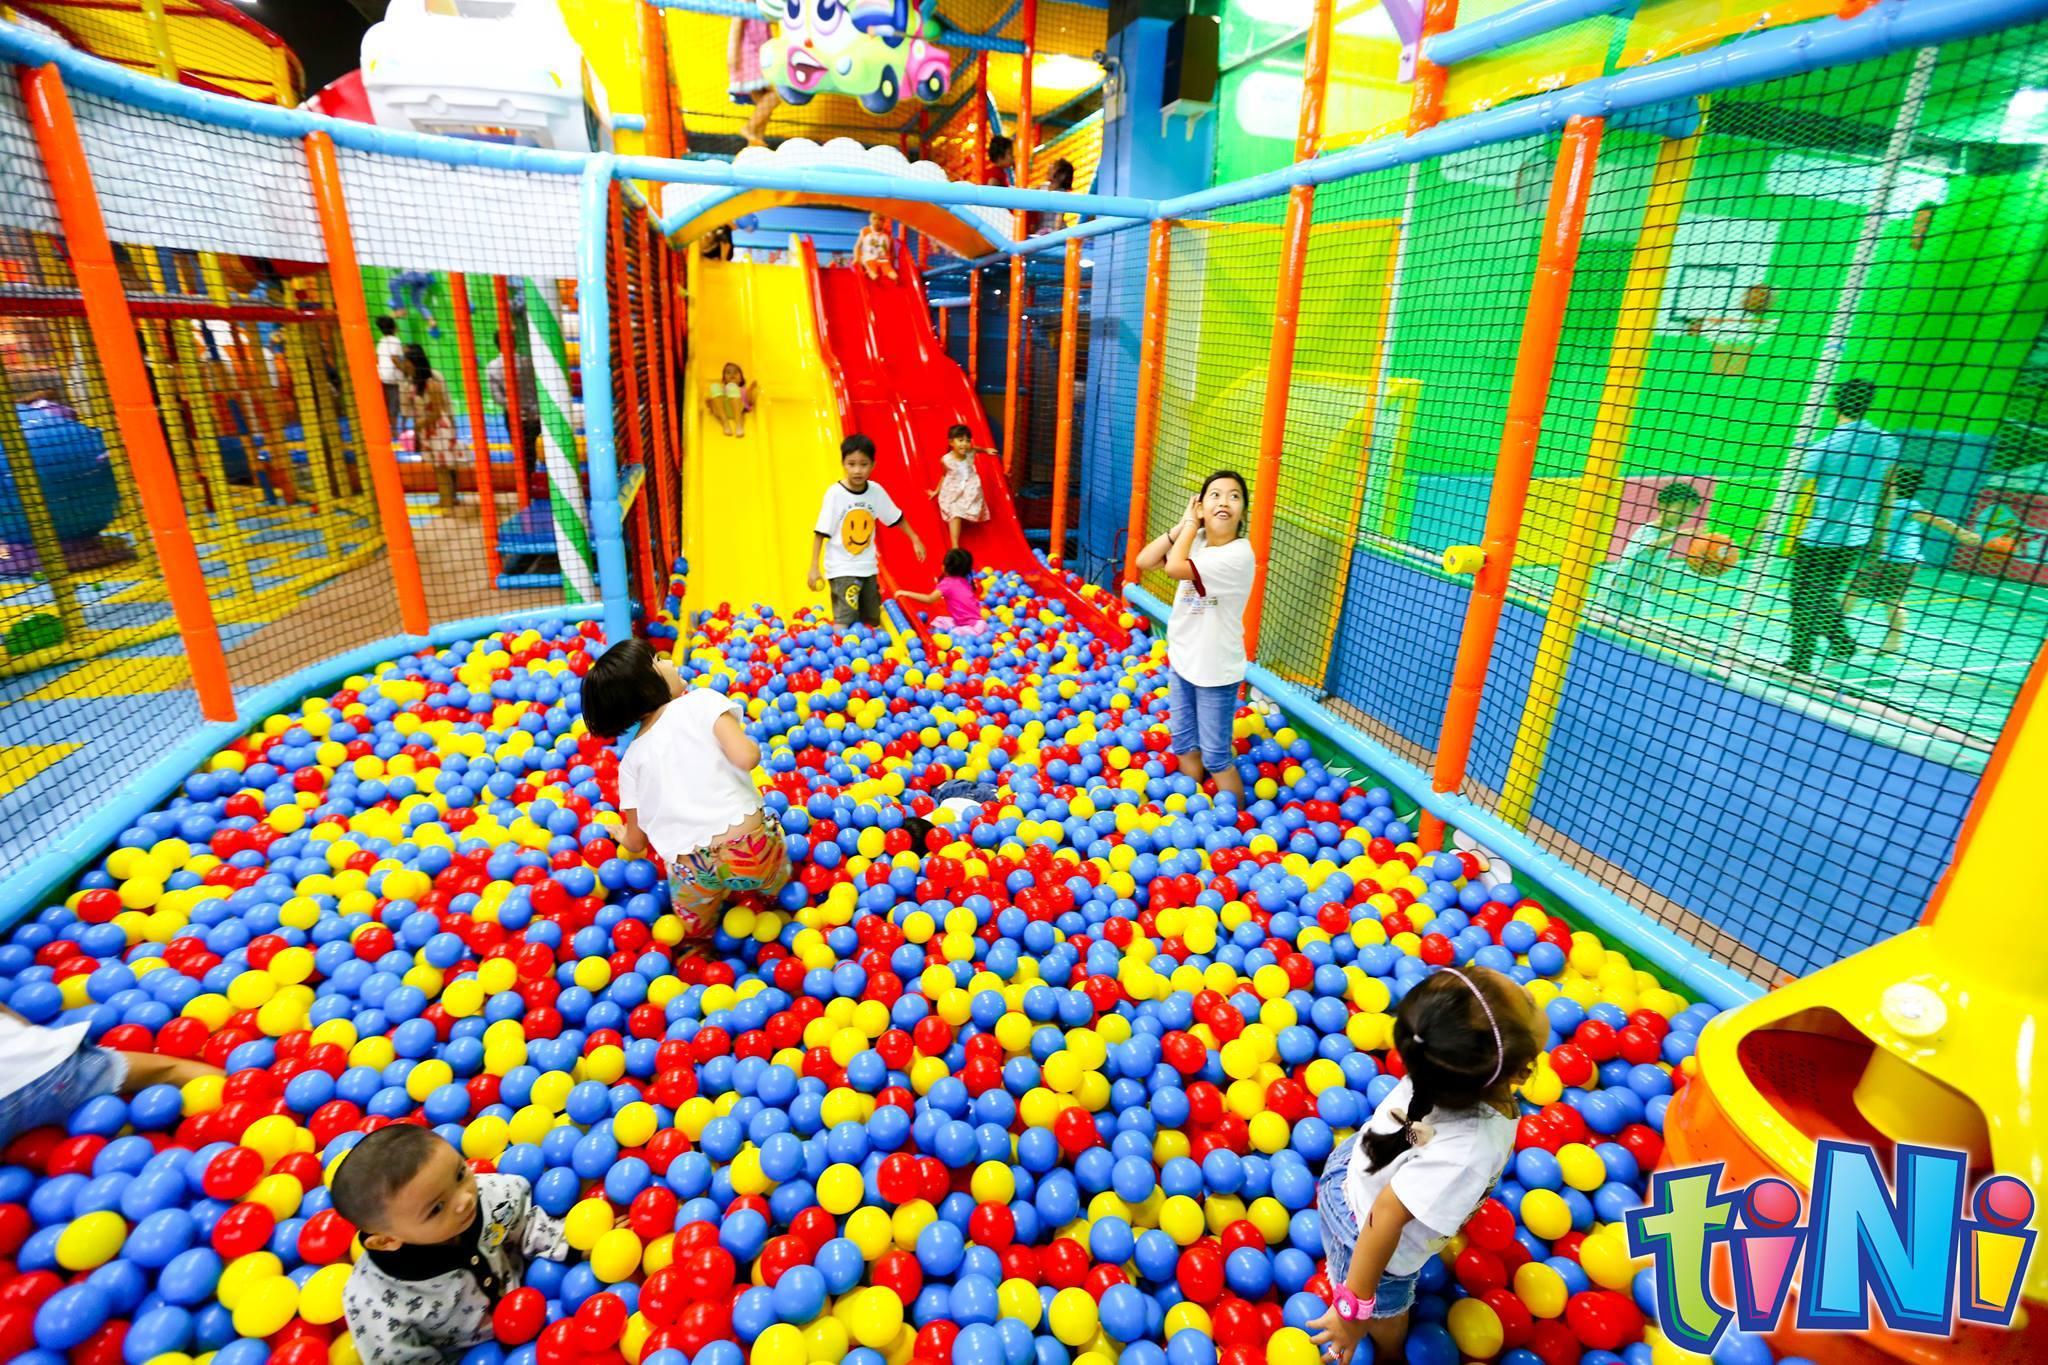 Khu vui chơi trẻ em TiNi World